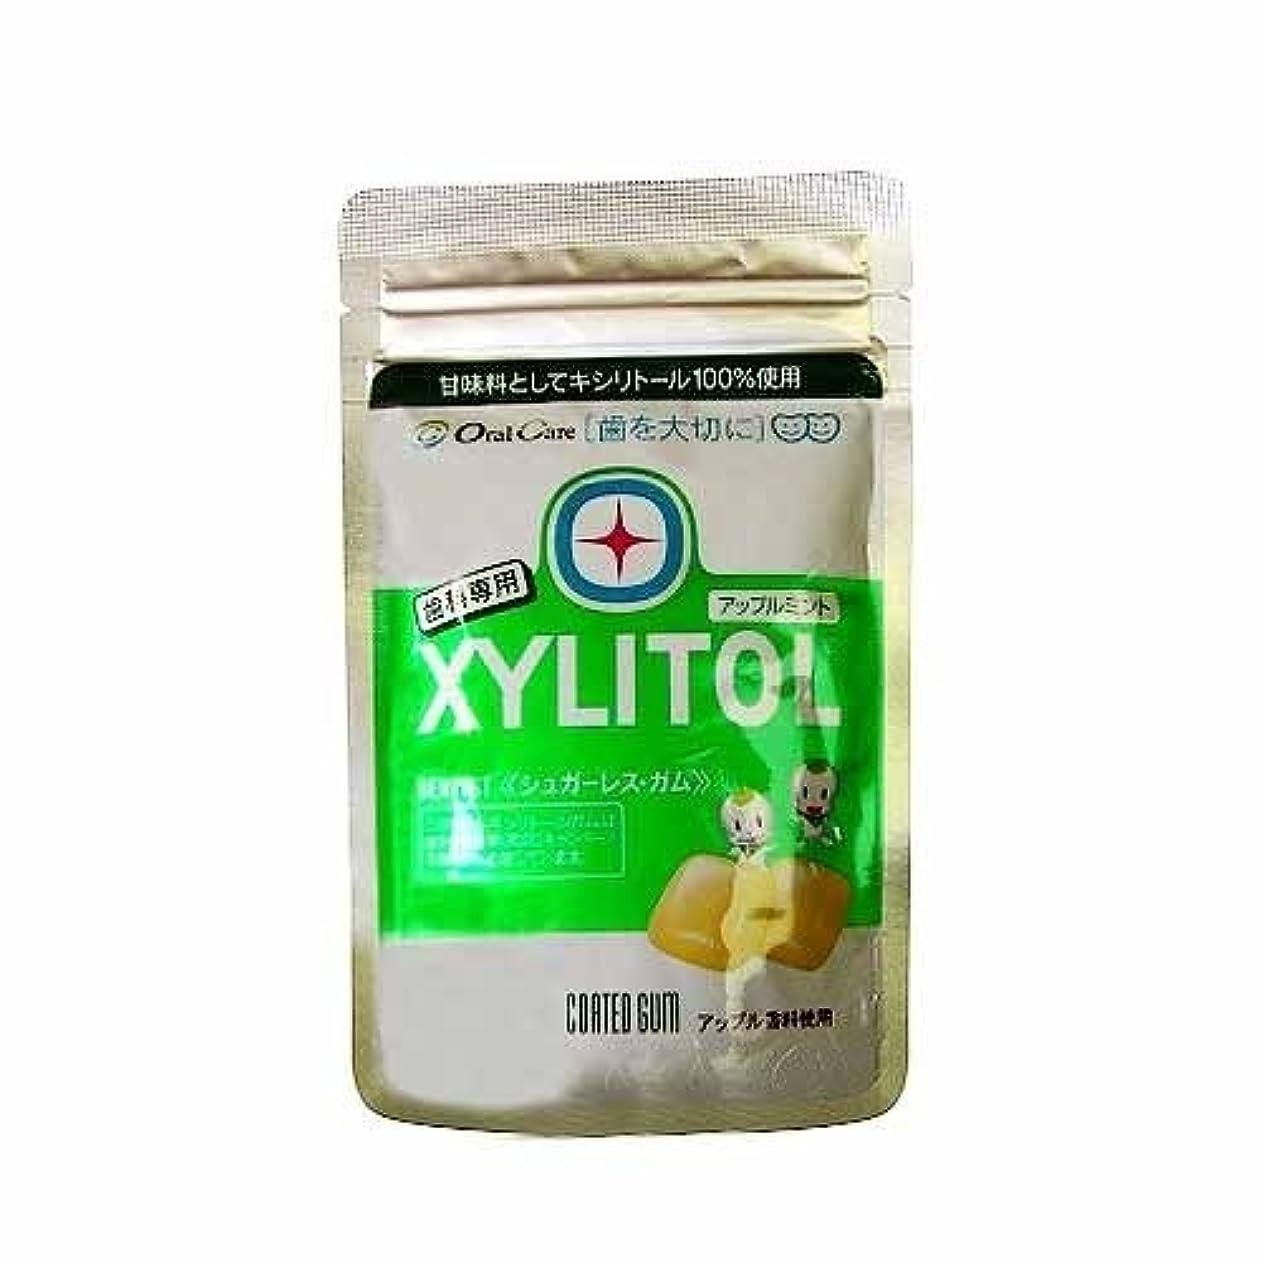 価値関税タイトキシリトールガム ラミチャック 21粒 ×8袋 (アップルミント)